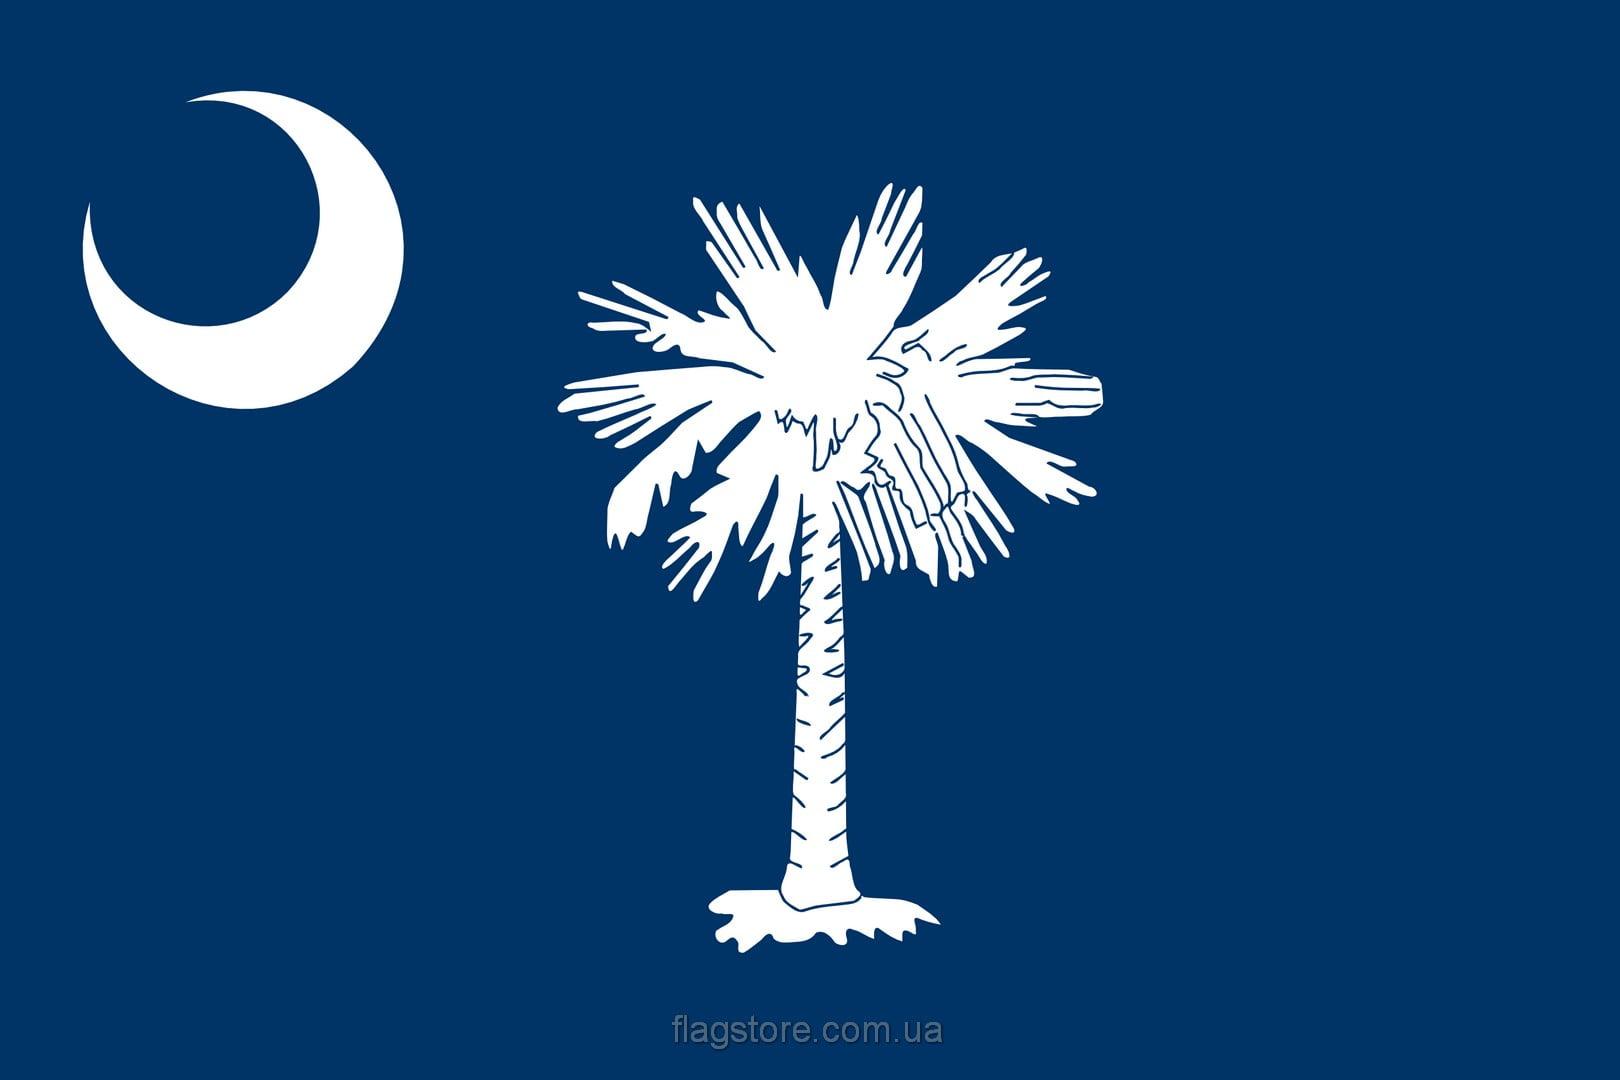 Купить флаг Южной Каролины (штата Южная Каролина)